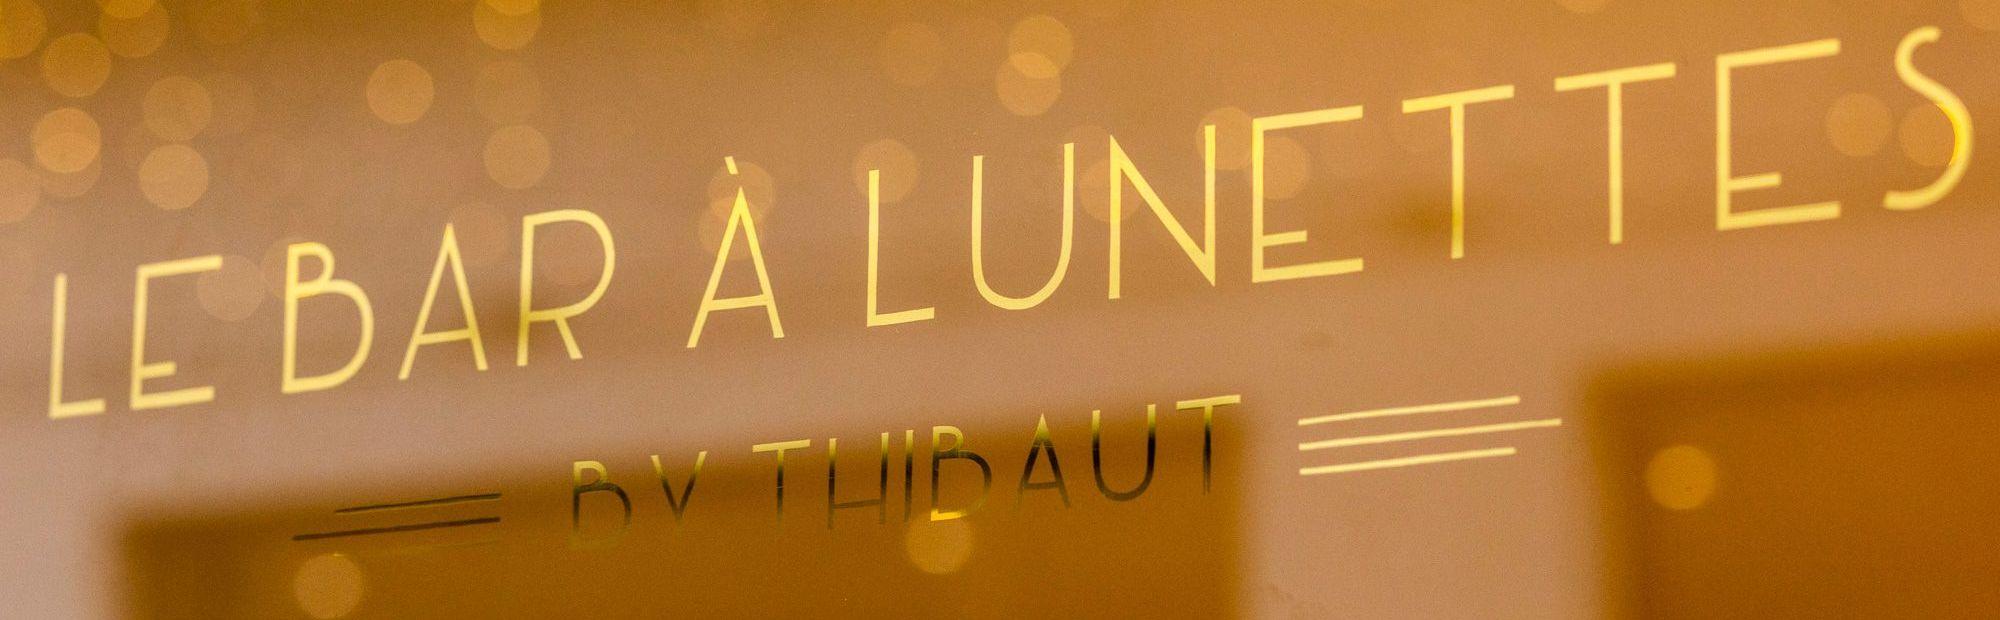 Le Bar à Lunettes By Thibaut, opticien à Liège - Travail du doreur Jérémy Goffart alias Miles-Signs